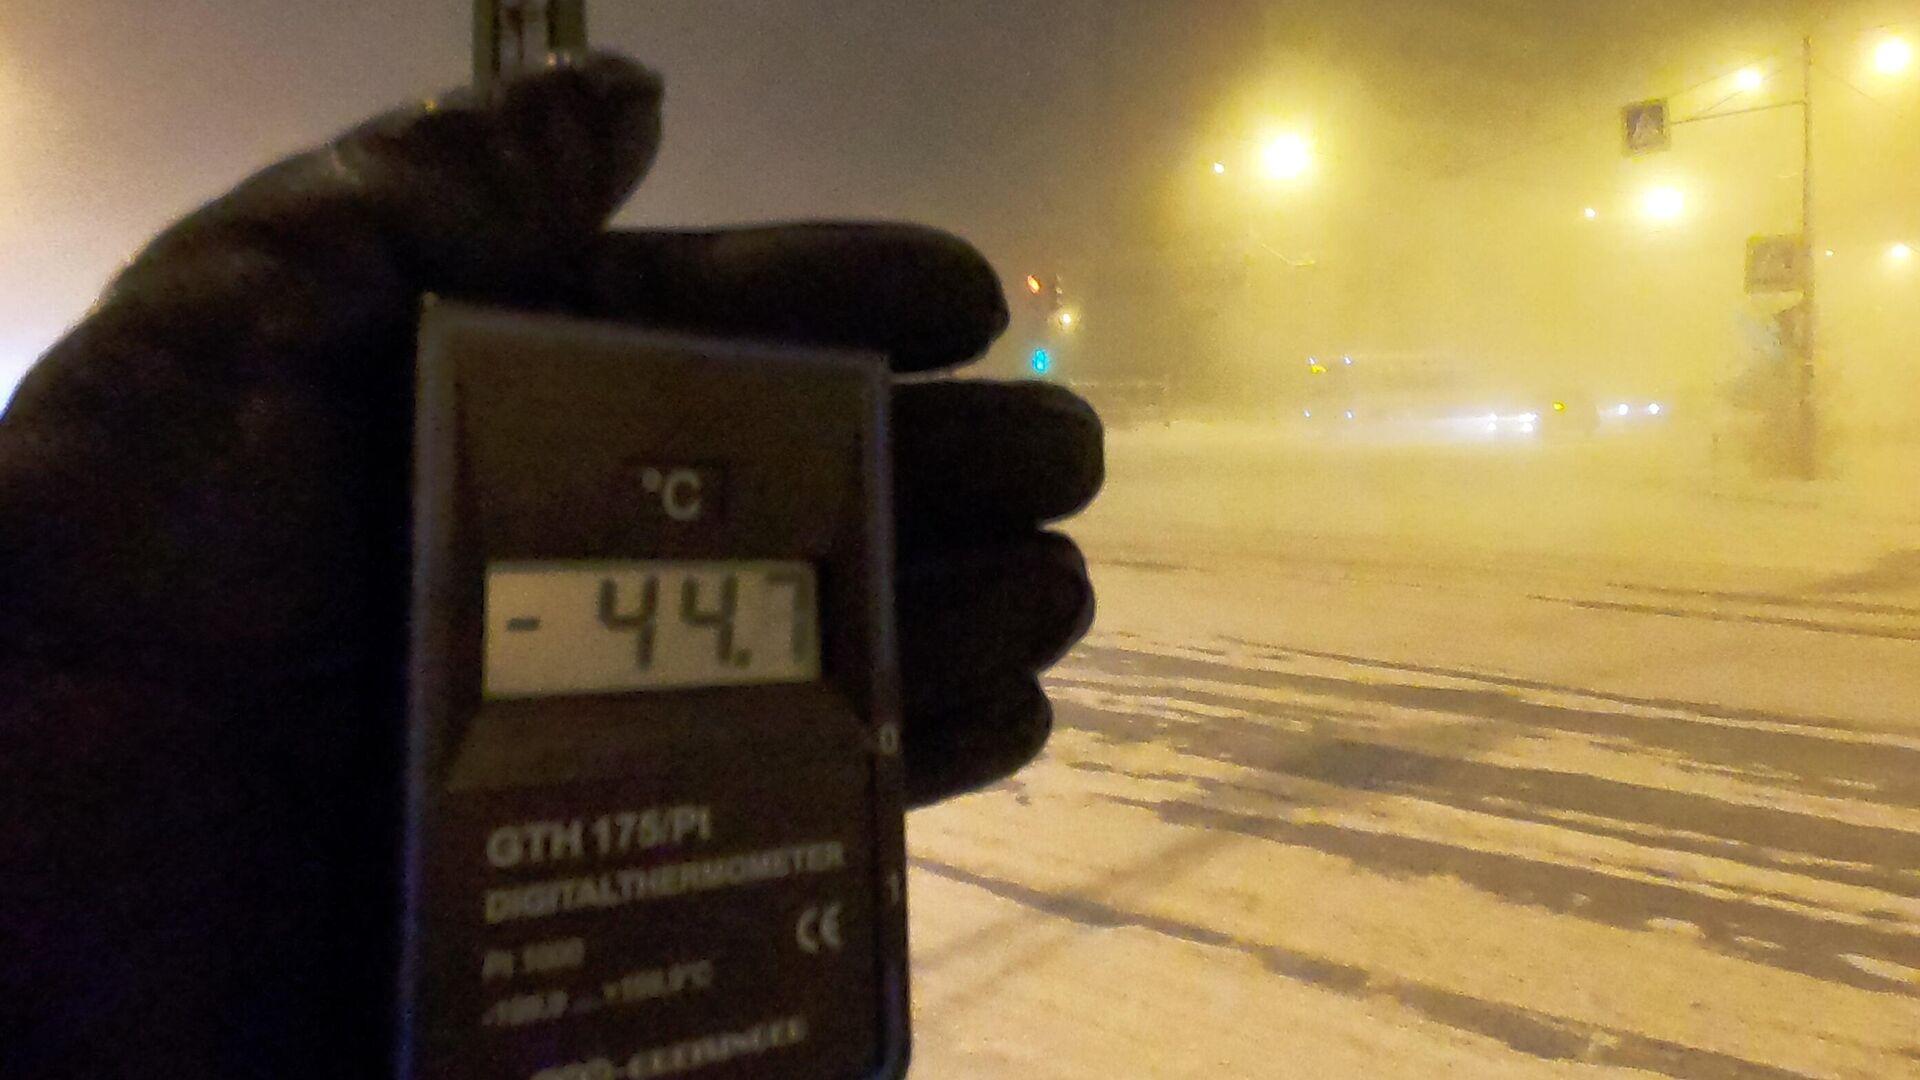 Человек держит в руках цифровой термометр с датчиком на улице в Якутске. Температура воздуха на территории Якутии впервые в этом сезоне опустилась ниже -50 градусов. - РИА Новости, 1920, 22.01.2021